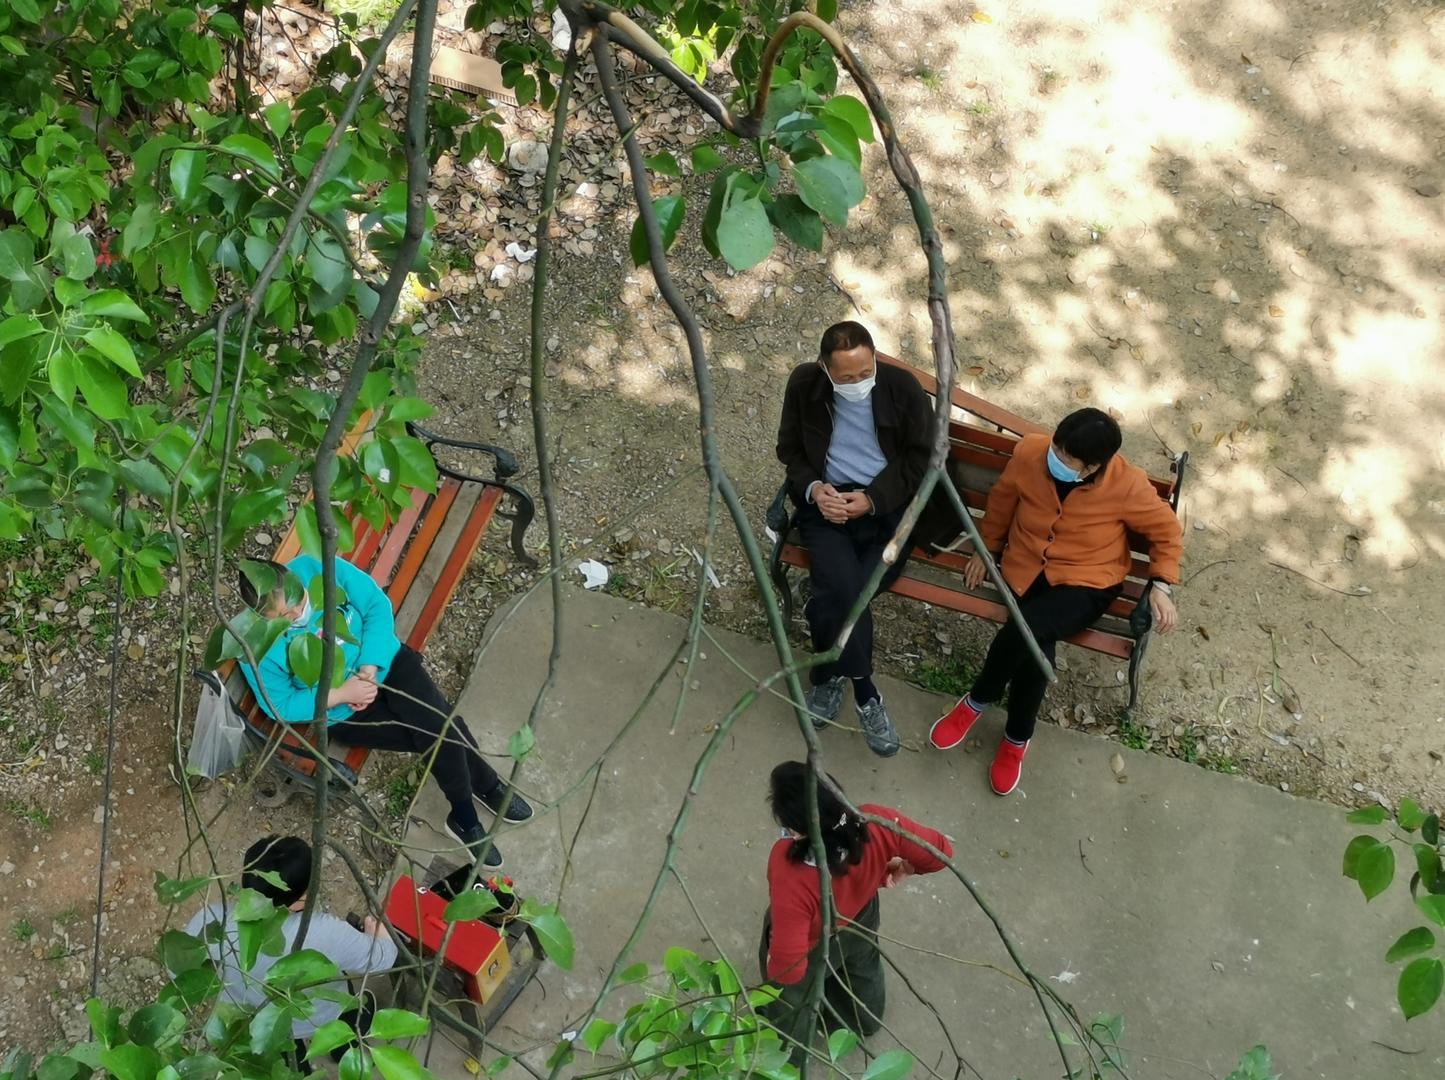 ▲2020年4月9日,湖北武汉,春景妖冶,几位市民走下住民楼,坐在香樟树下的长椅上谈天。图据ICphoto